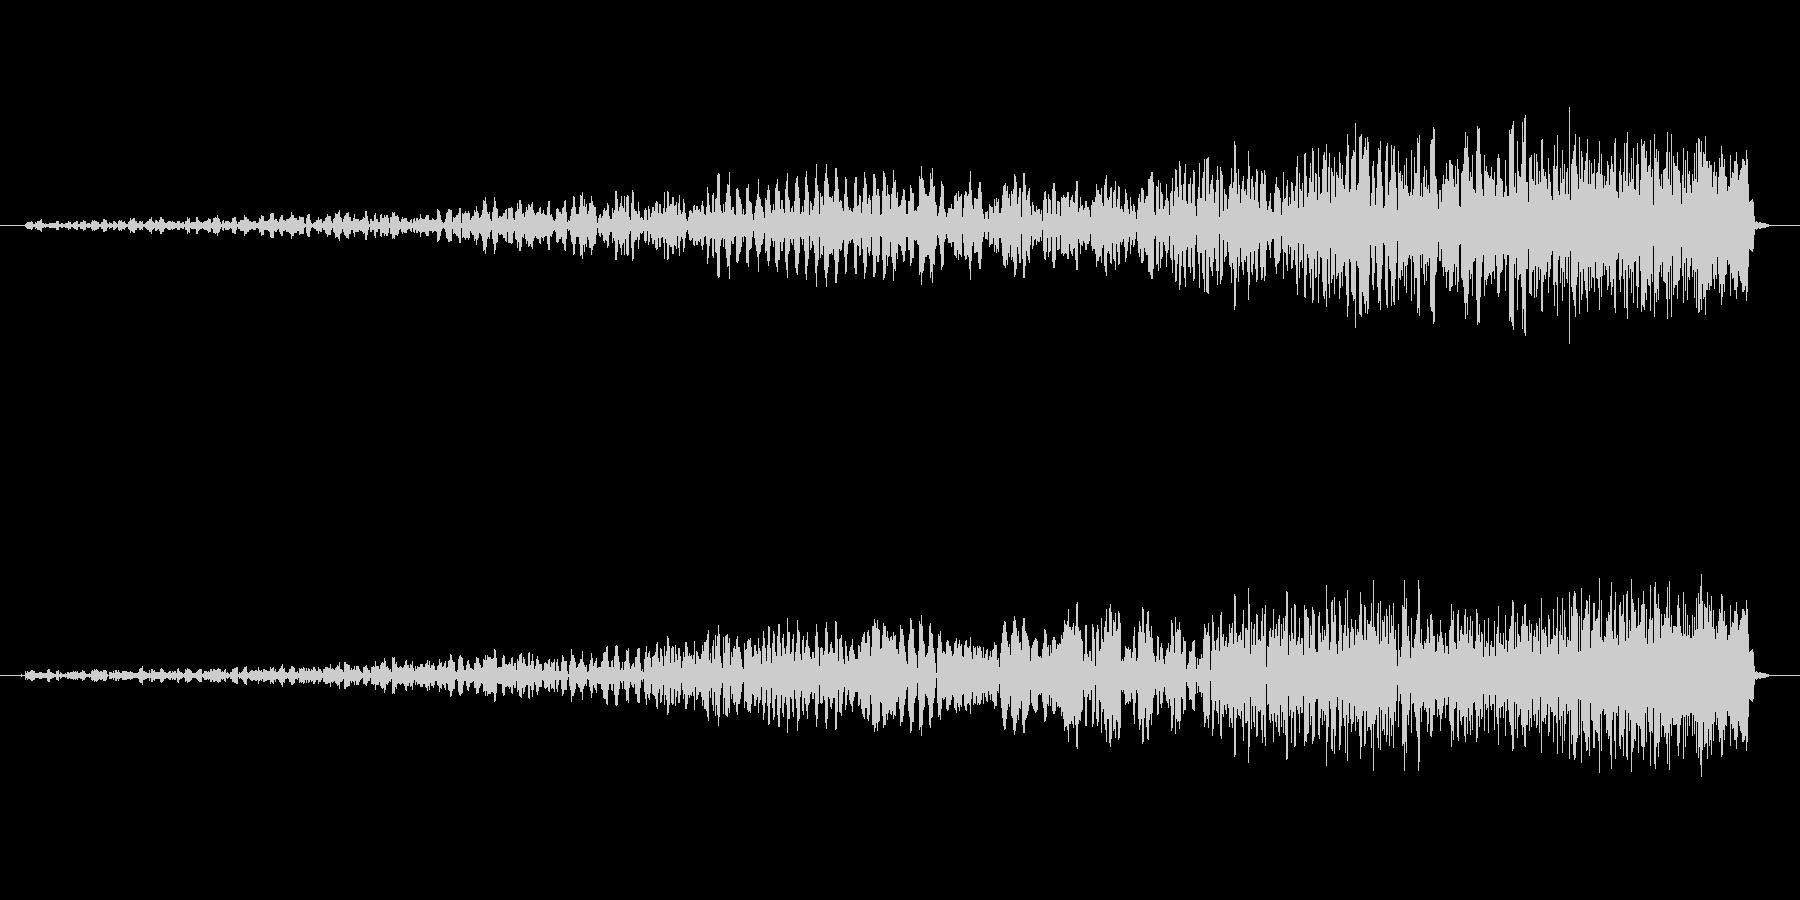 フェードイン・爆発の反転音の未再生の波形